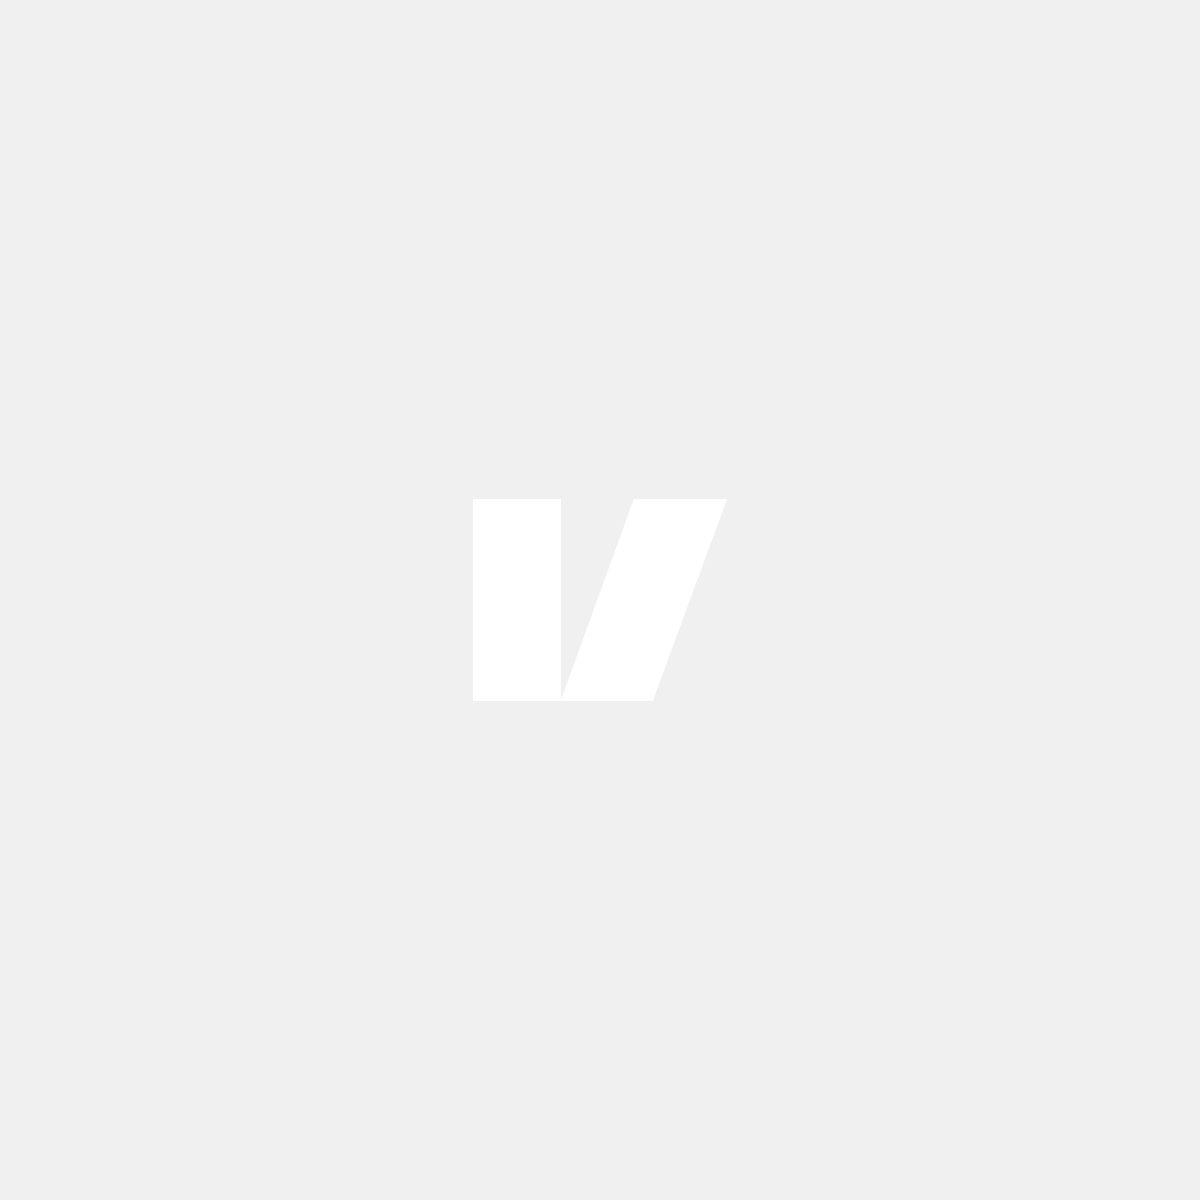 Mutter för glidkåpa till USA-front till Volvo 240, 260